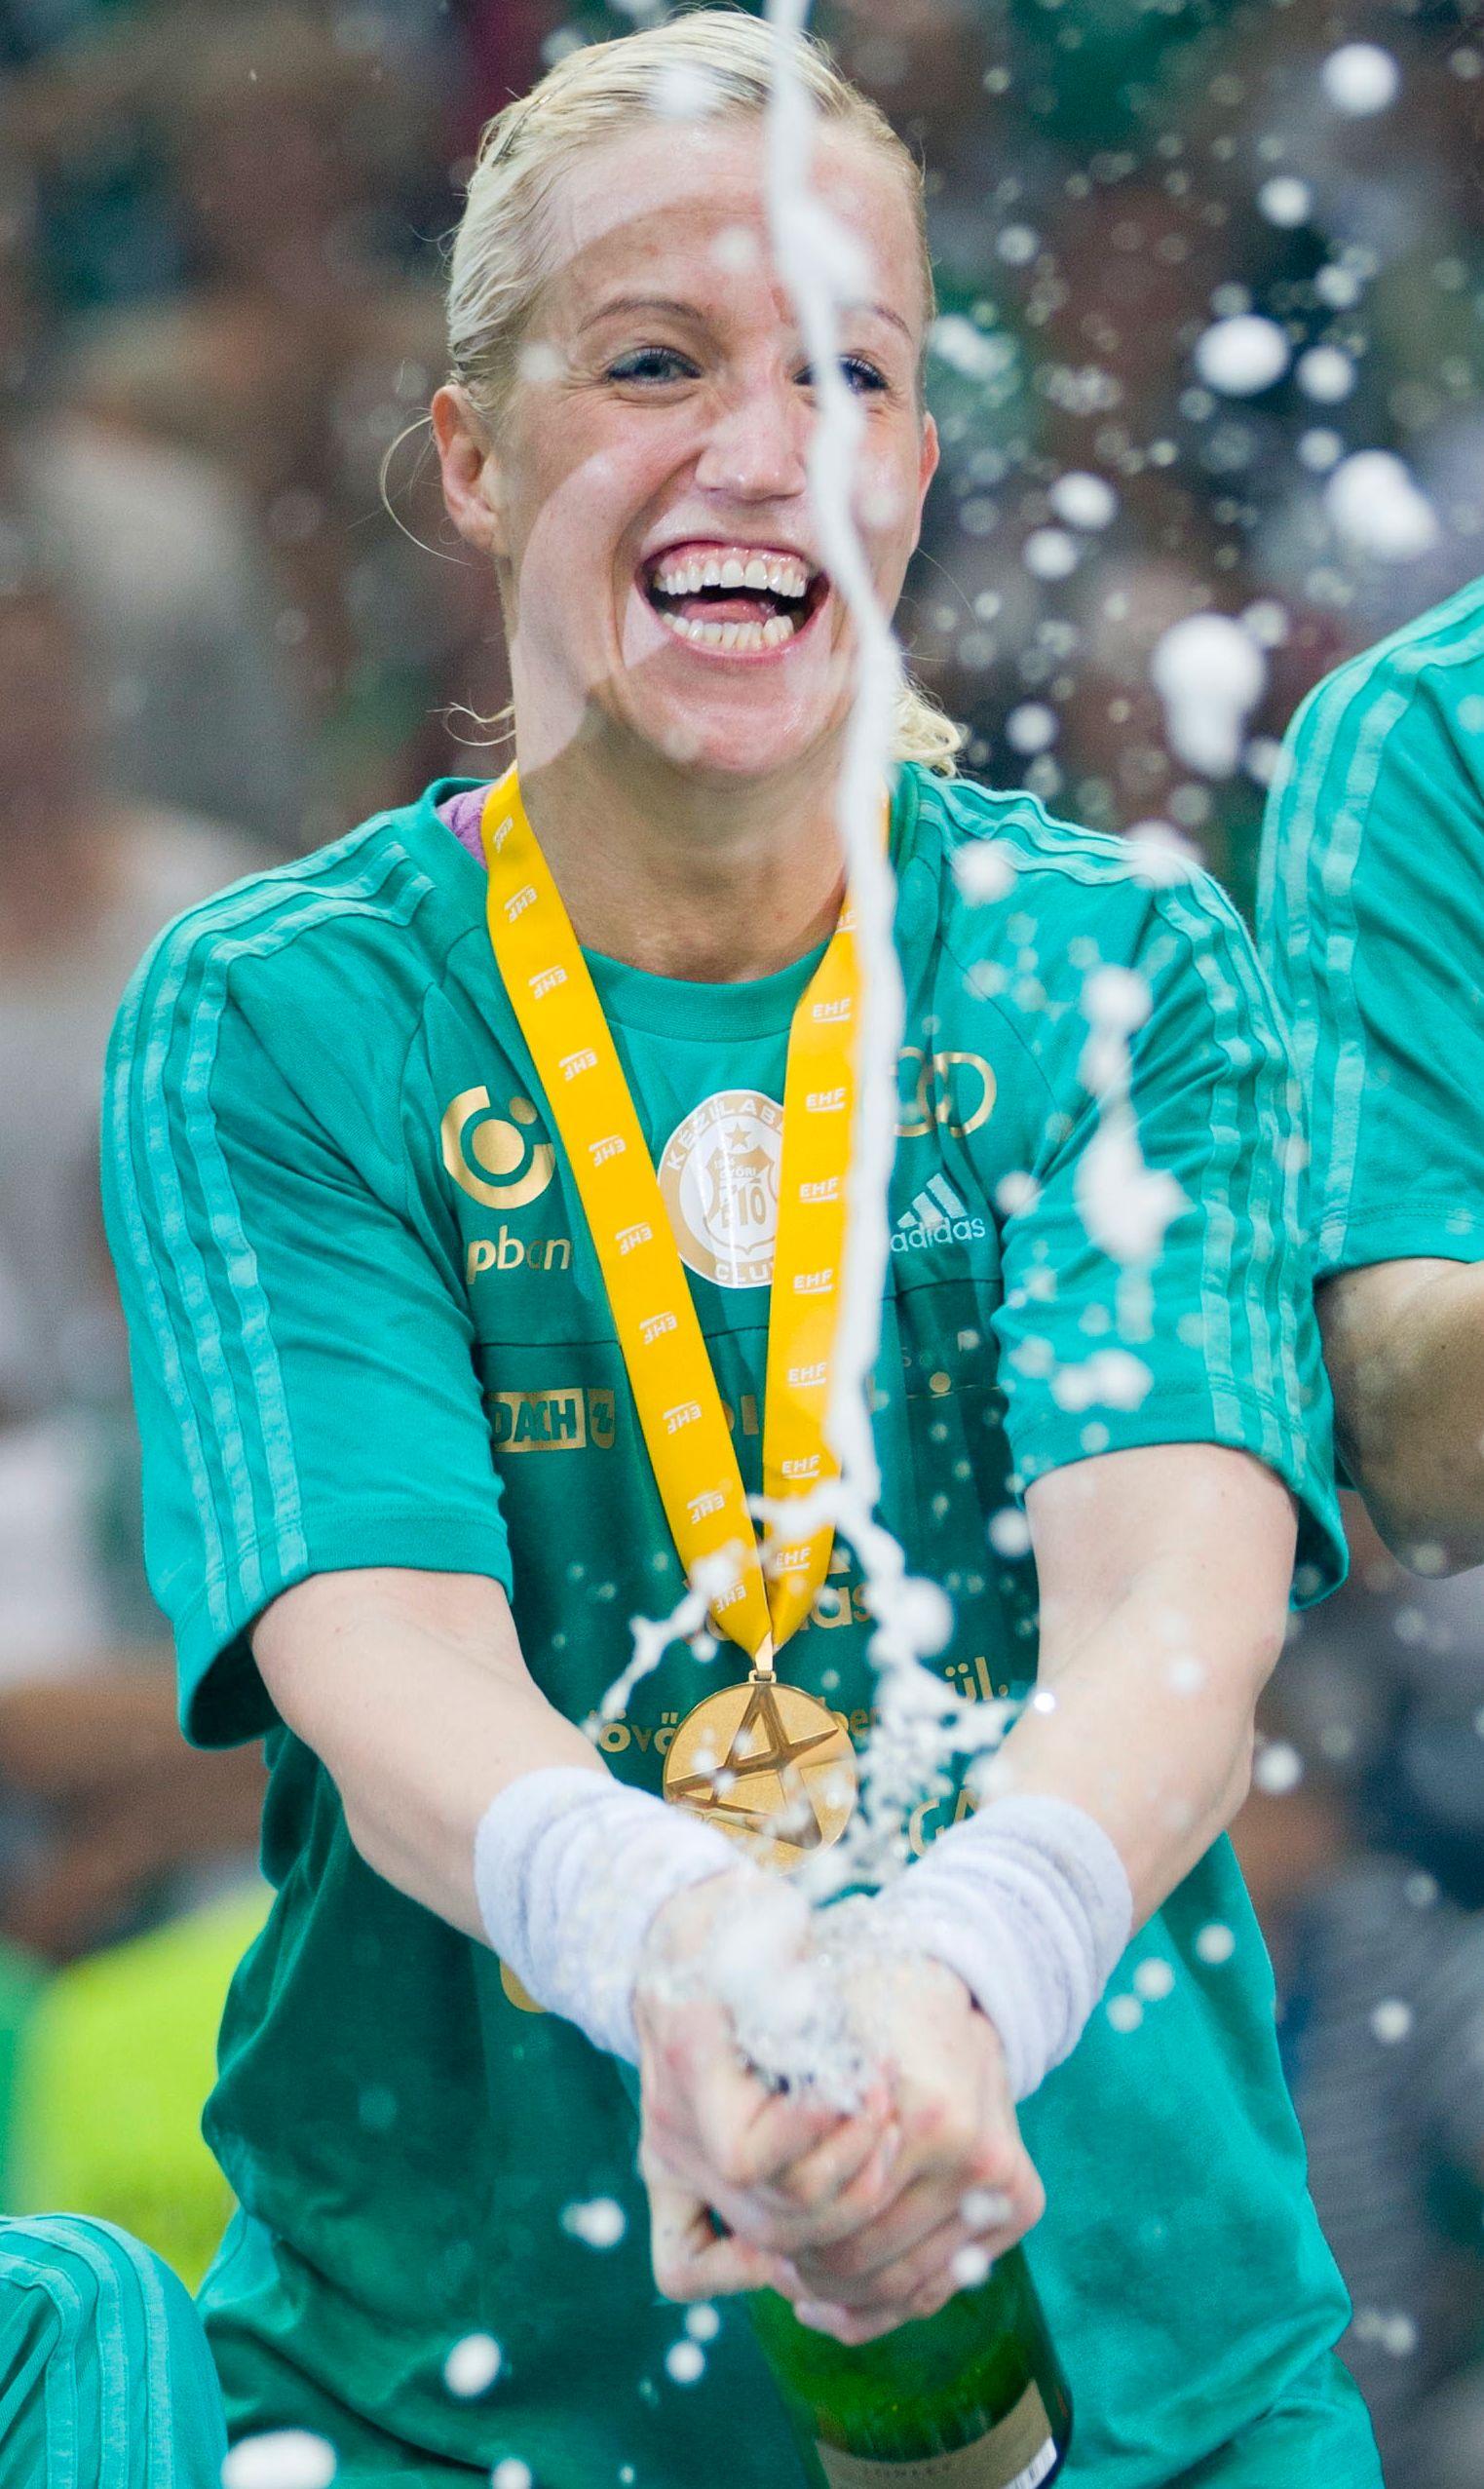 FEM ÅR MED SPRUT: Heidi Løke har vunnet 11 titler med Györ. Her feirer hun seieren i Champions League finalen mot Larvik i 2013.